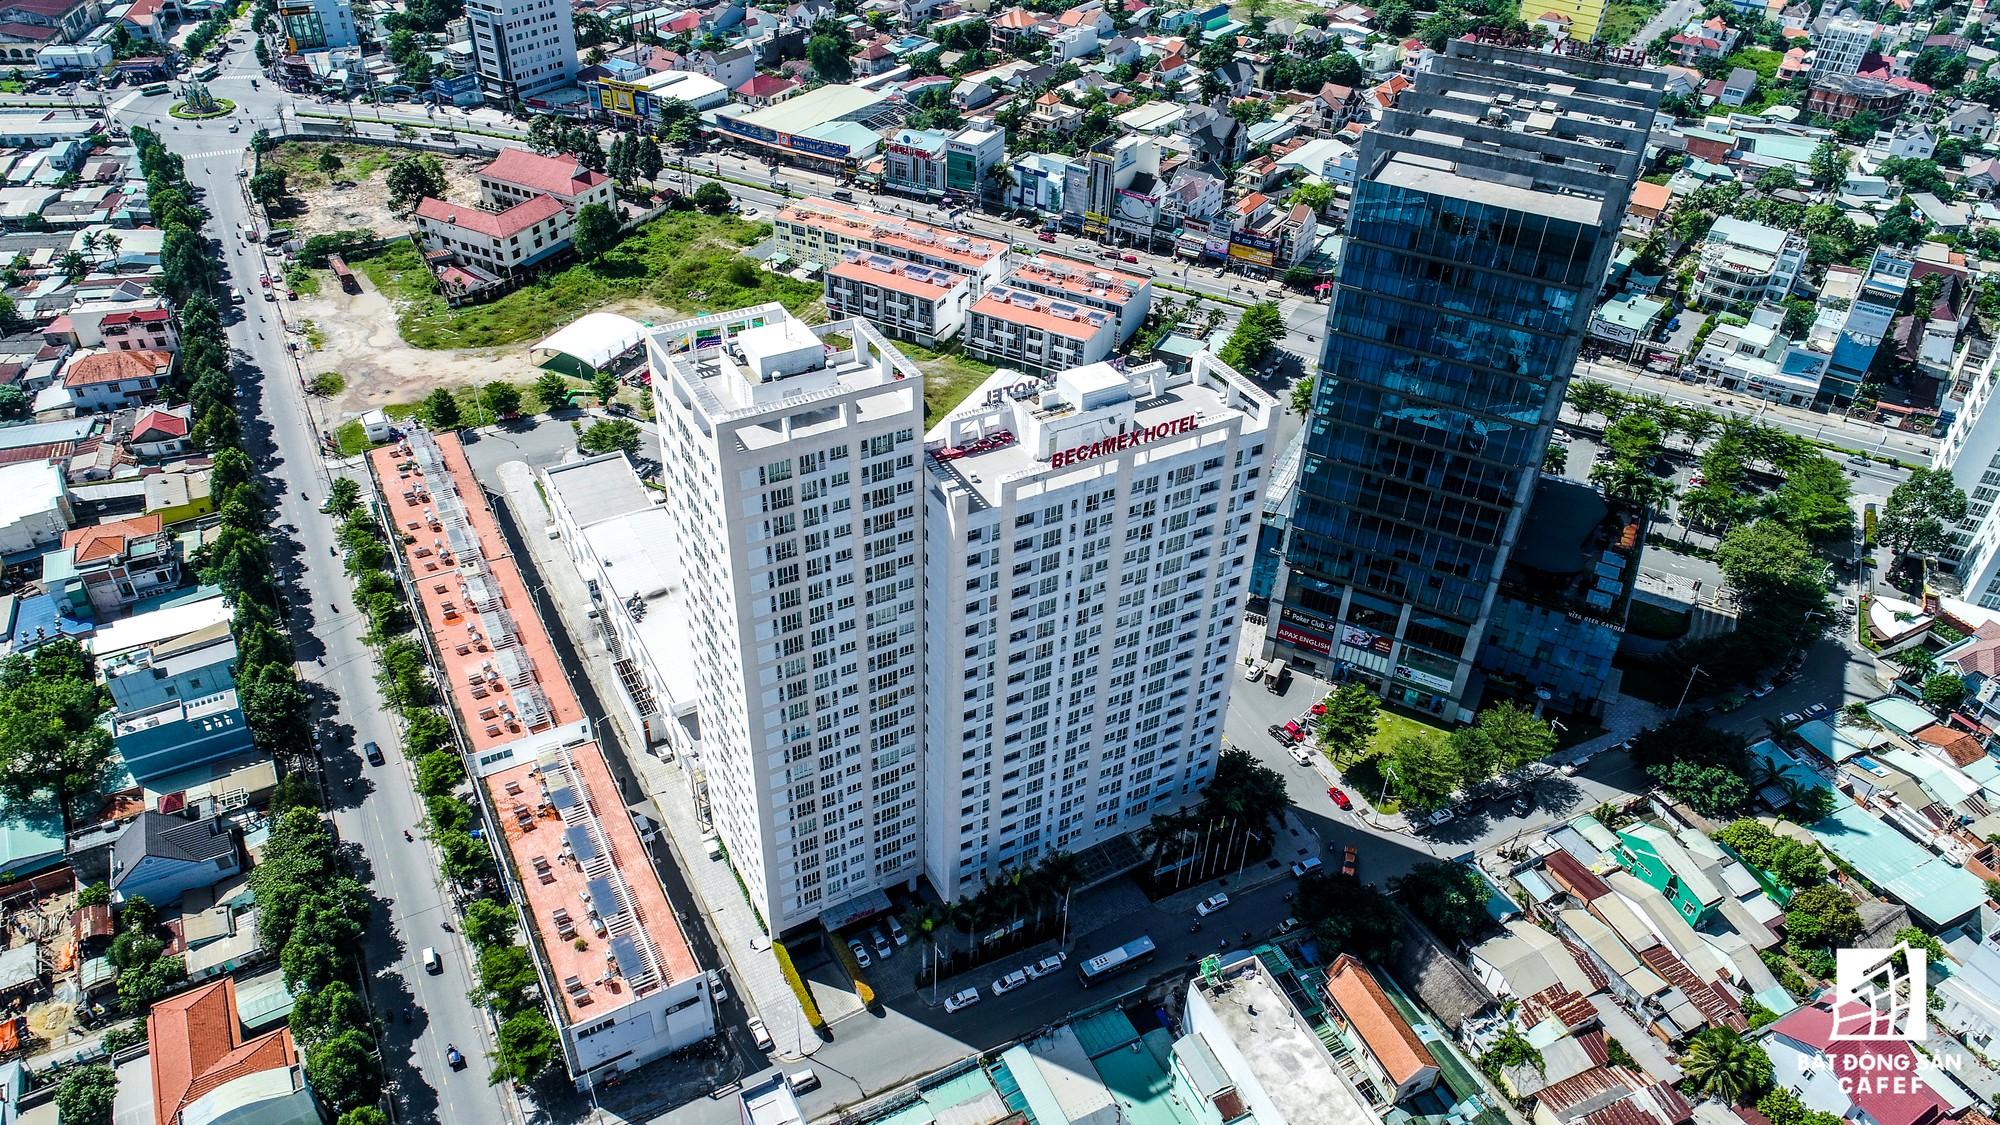 Án ngữ ngay cửa ngõ ra vào TP.HCM, Tổ hợp Becamex City Center có diện tích gần 6ha bao gồm trụ sở hoạt động, khách sạn, văn phòng các công ty con, nhà ở cho chuyên gia...